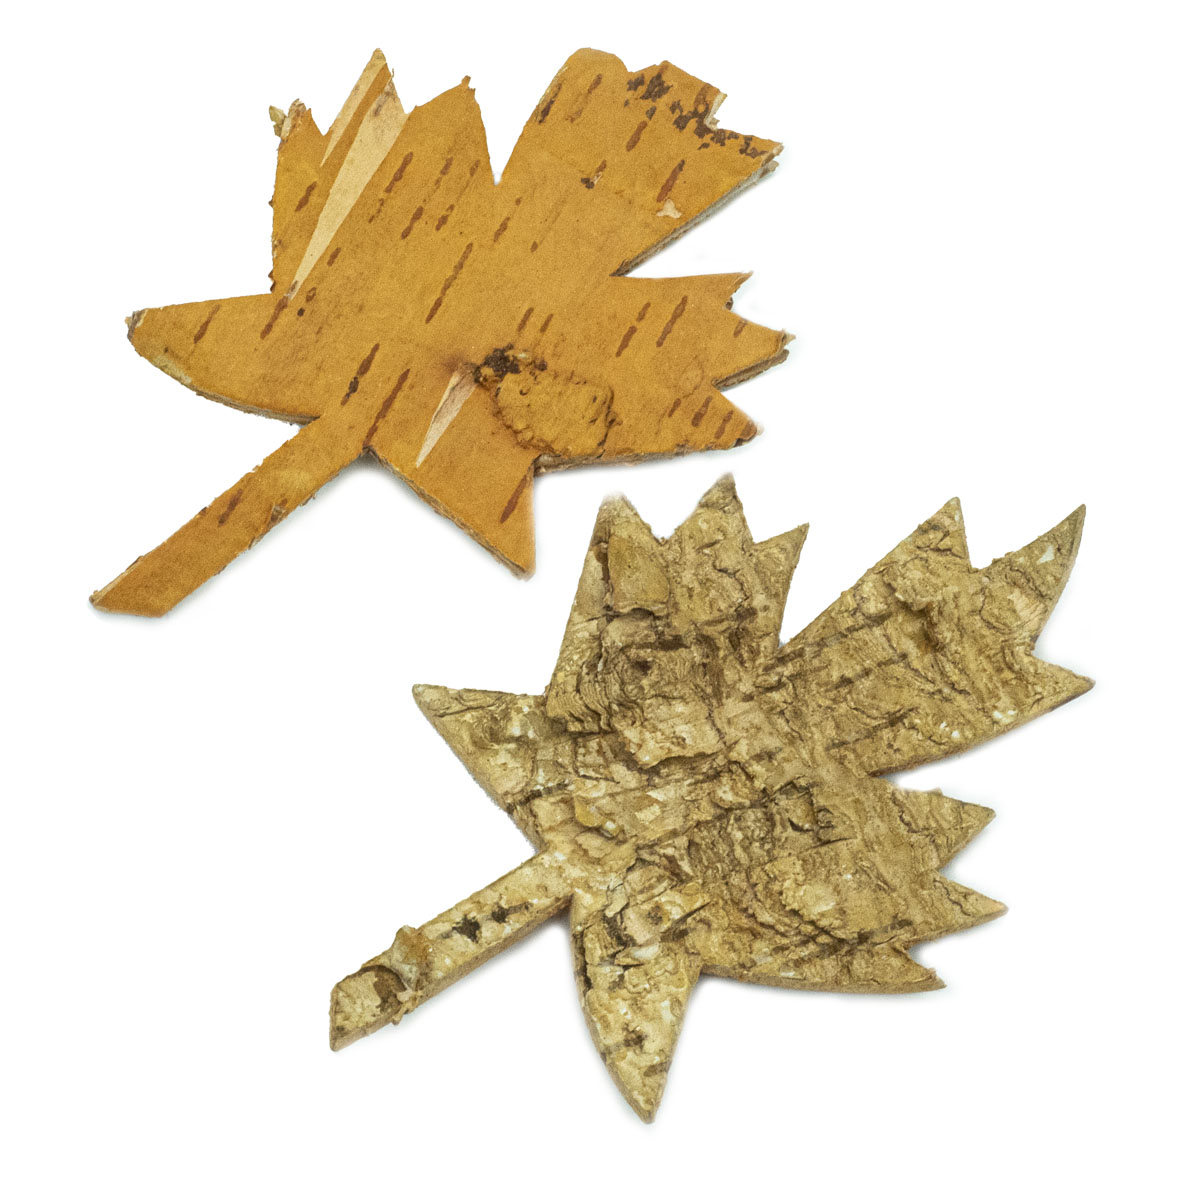 YW257 Декоративные элементы из коры дерева 'Кленовый лист', 11*7см, 6шт/уп